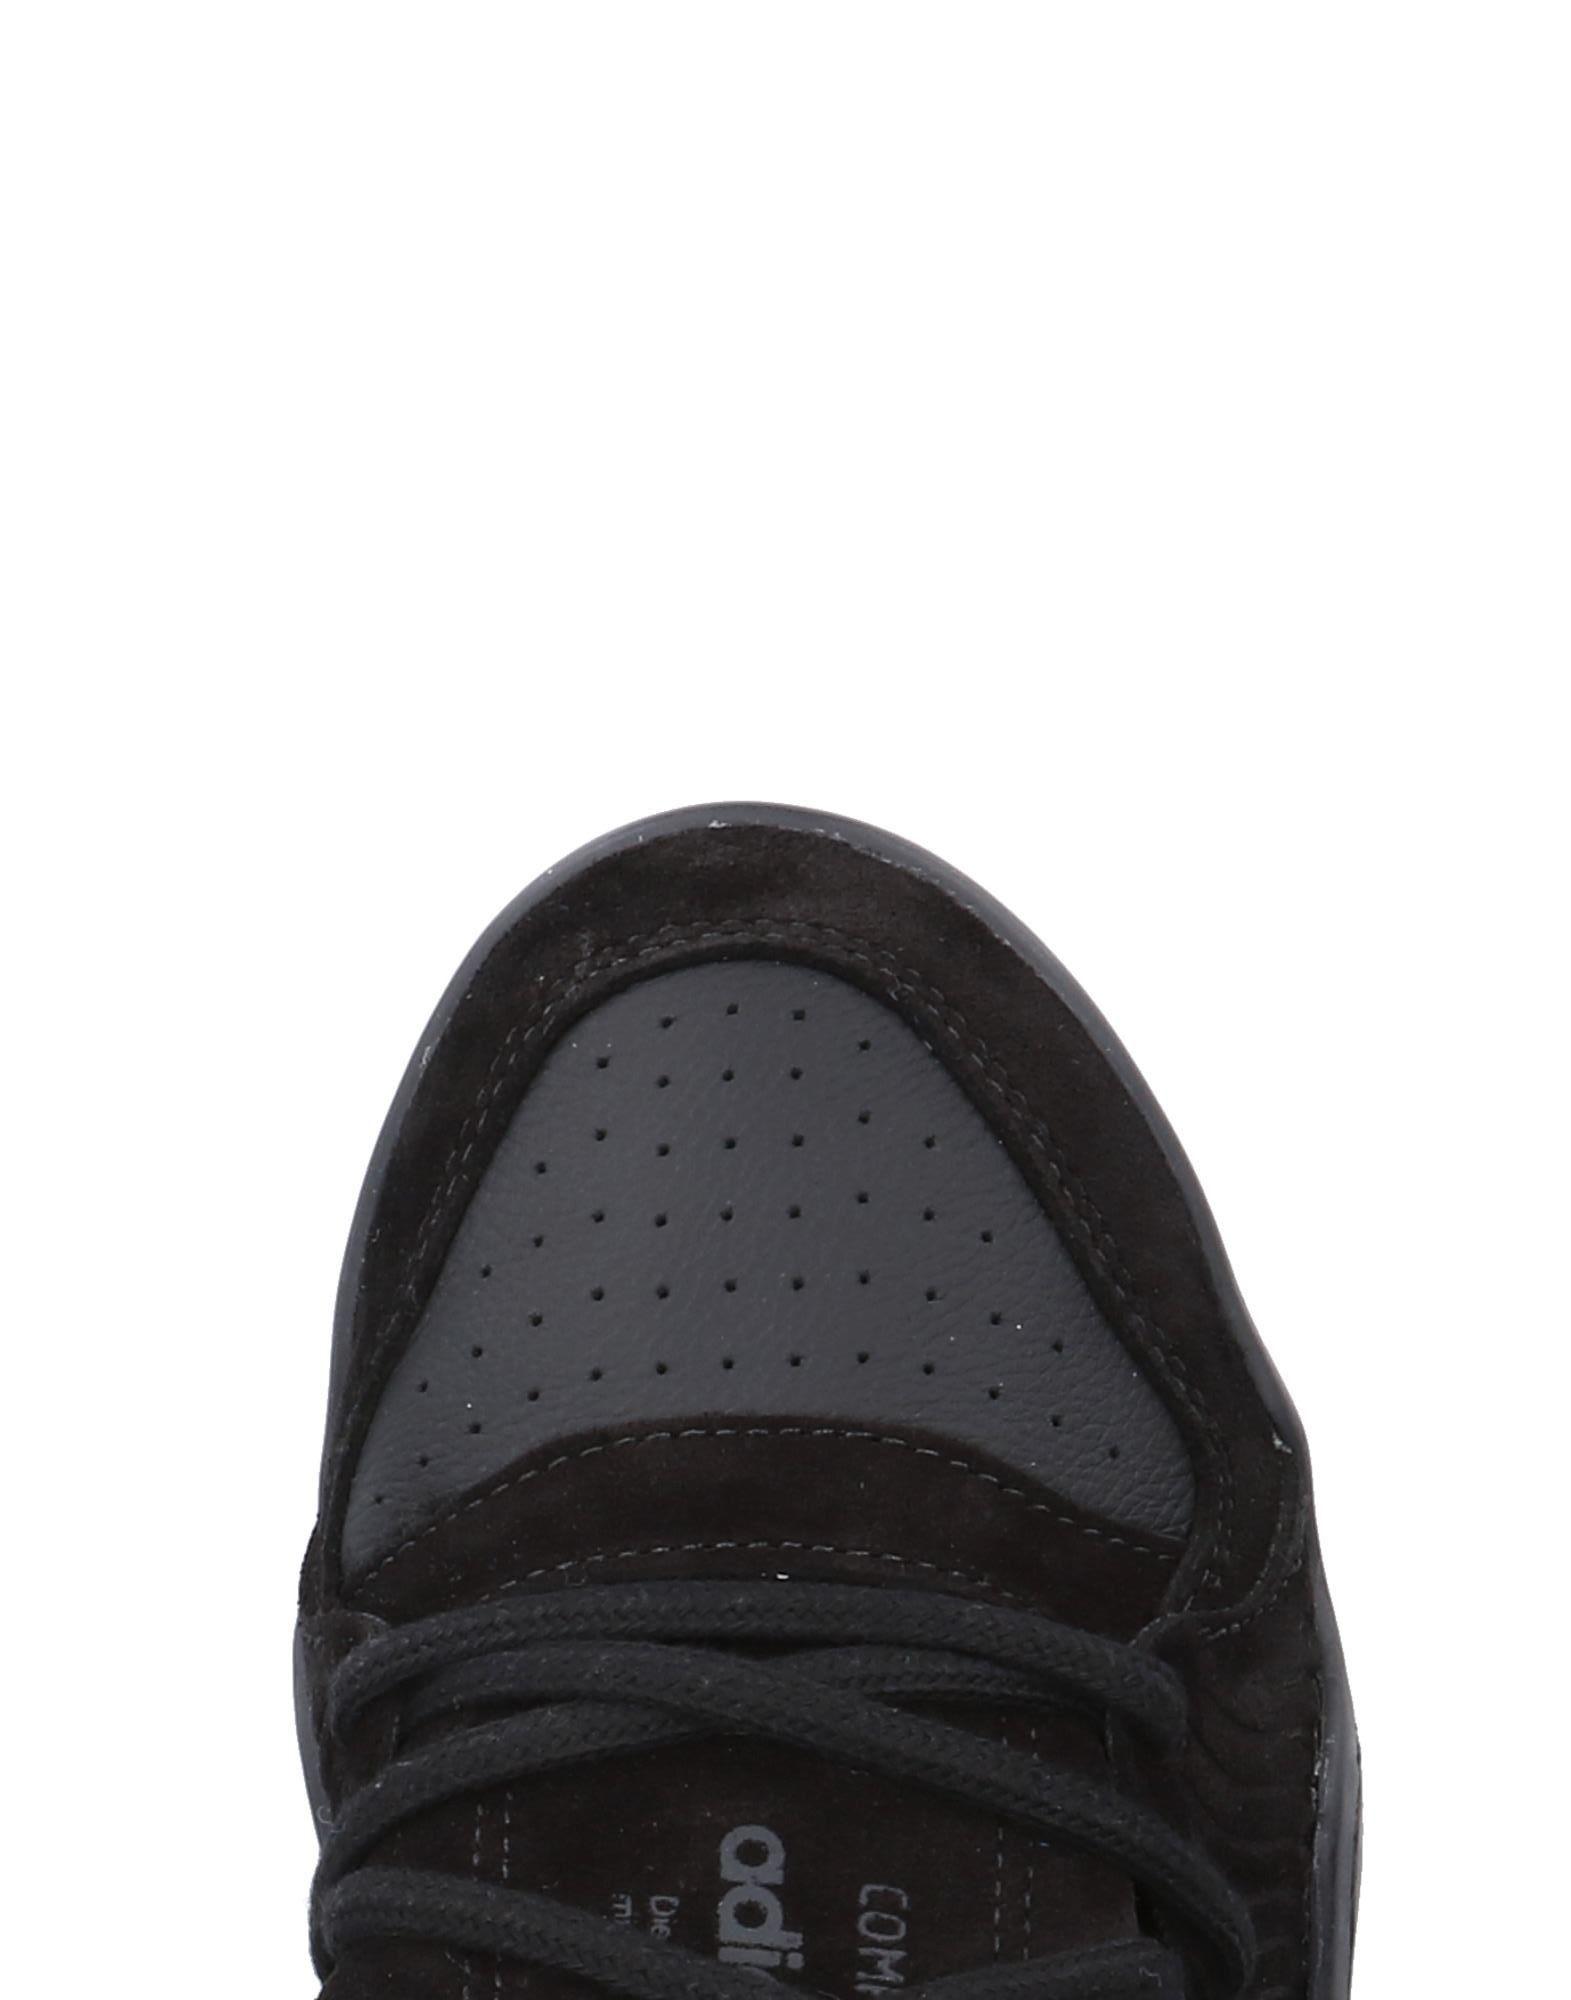 Adidas Sneakers Herren Herren Sneakers  11500932UH 46bfce